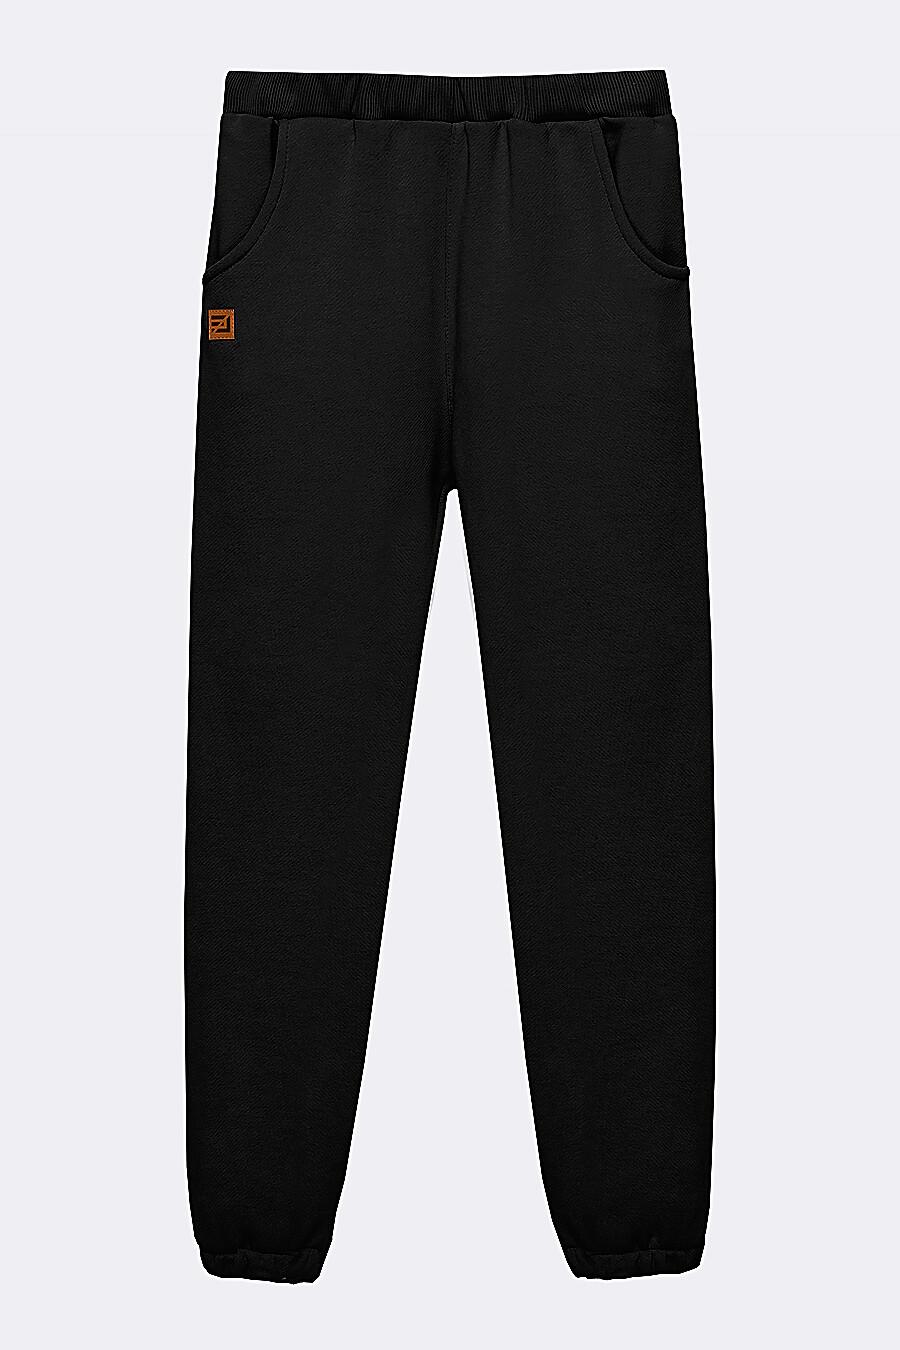 Костюм(Худи+Брюки) для мальчиков EZANNA 682540 купить оптом от производителя. Совместная покупка детской одежды в OptMoyo